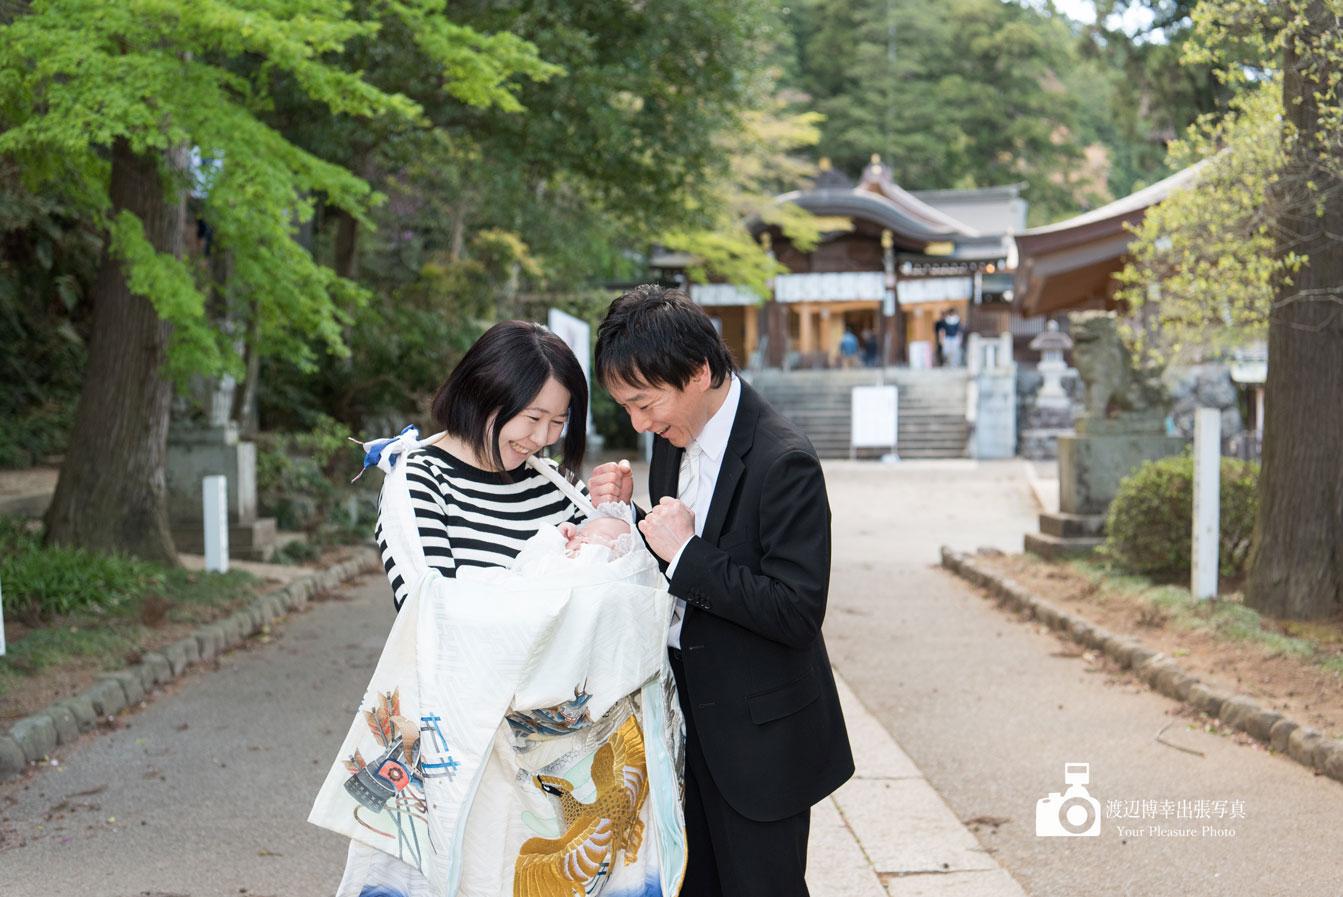 高麗神社でお宮参りをしているパパとママ